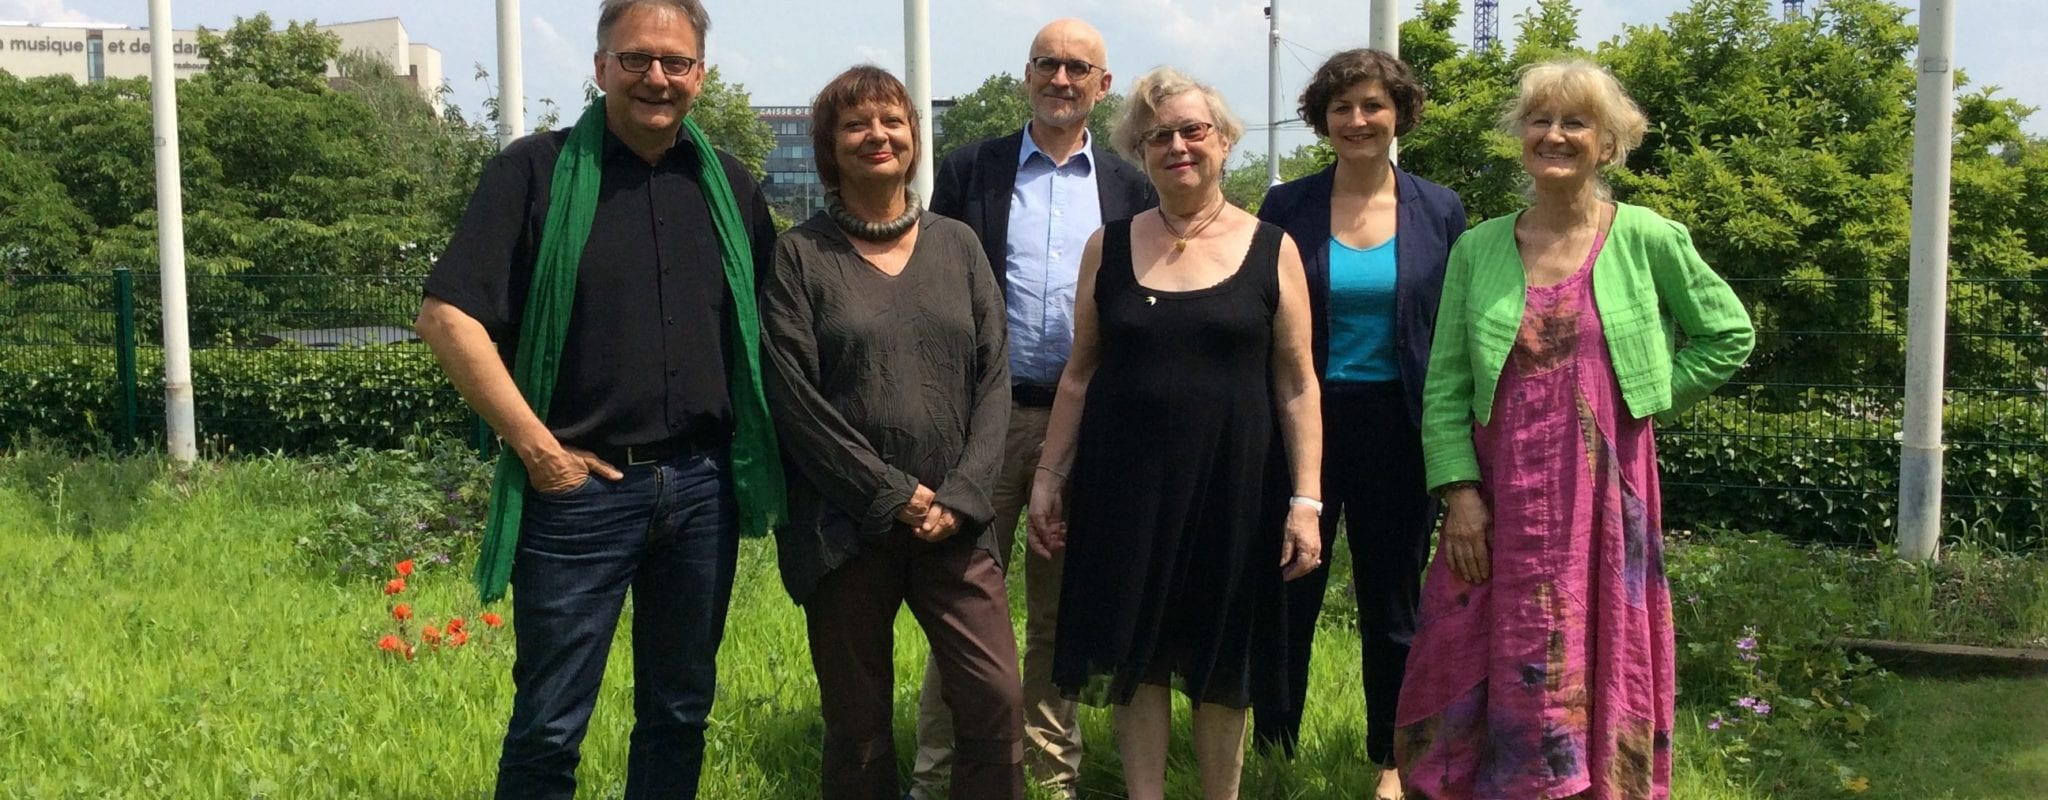 Les élus écologistes se sentent portés par les nouveaux opposants au GCO